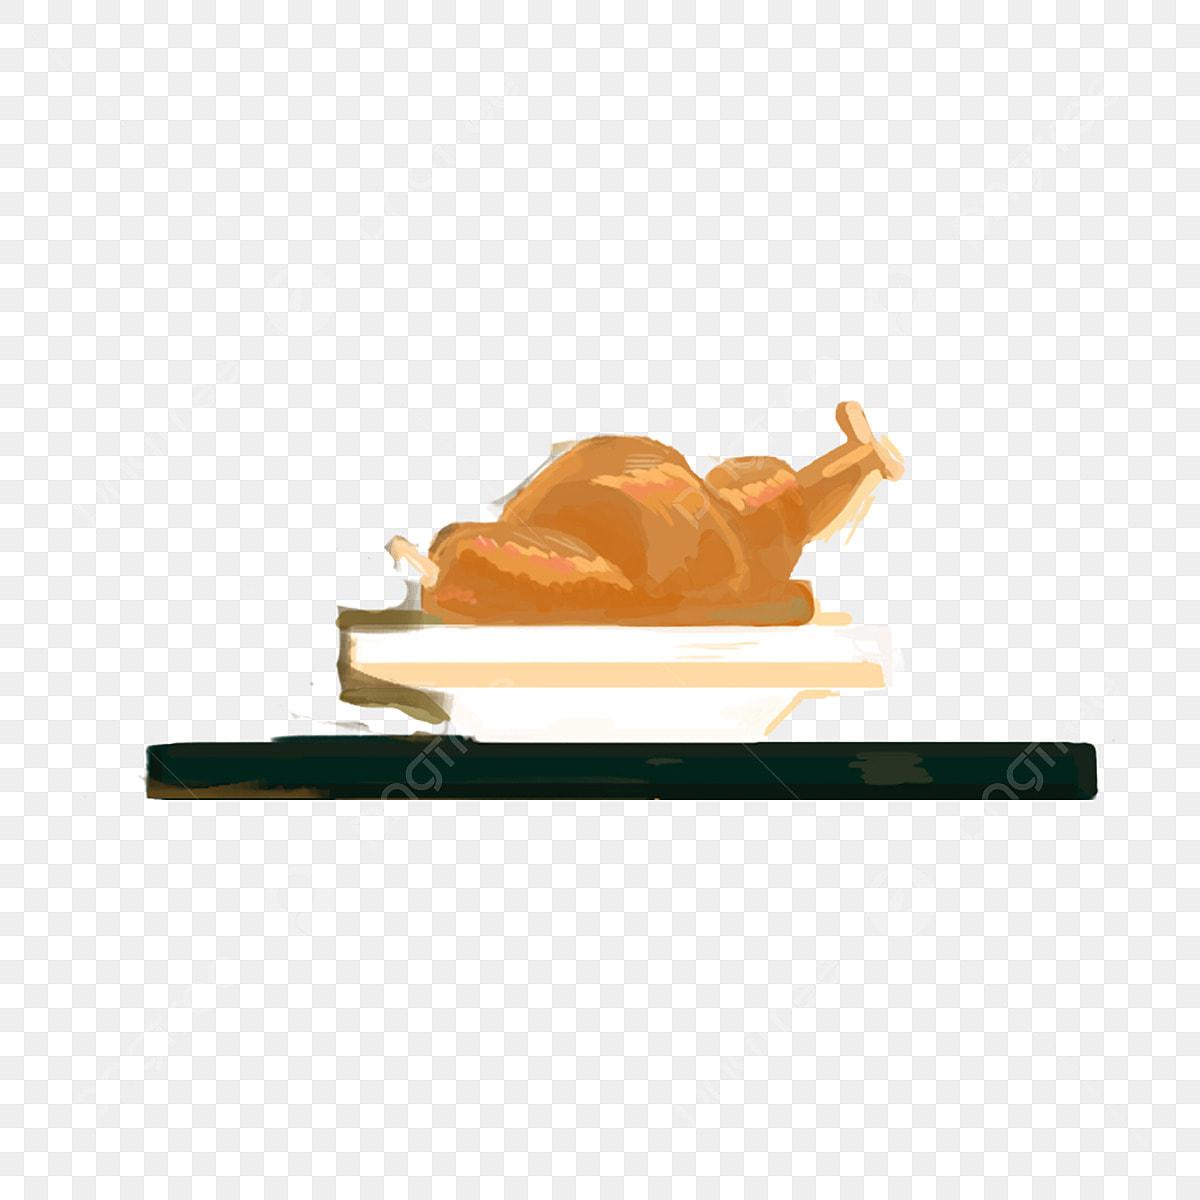 دجاج دجاج مطبوخ دجاج مطبوخ دجاج الجينسنغ دجاج طاولة الطعام الدجاج الغذاء طعام Png وملف Psd للتحميل مجانا